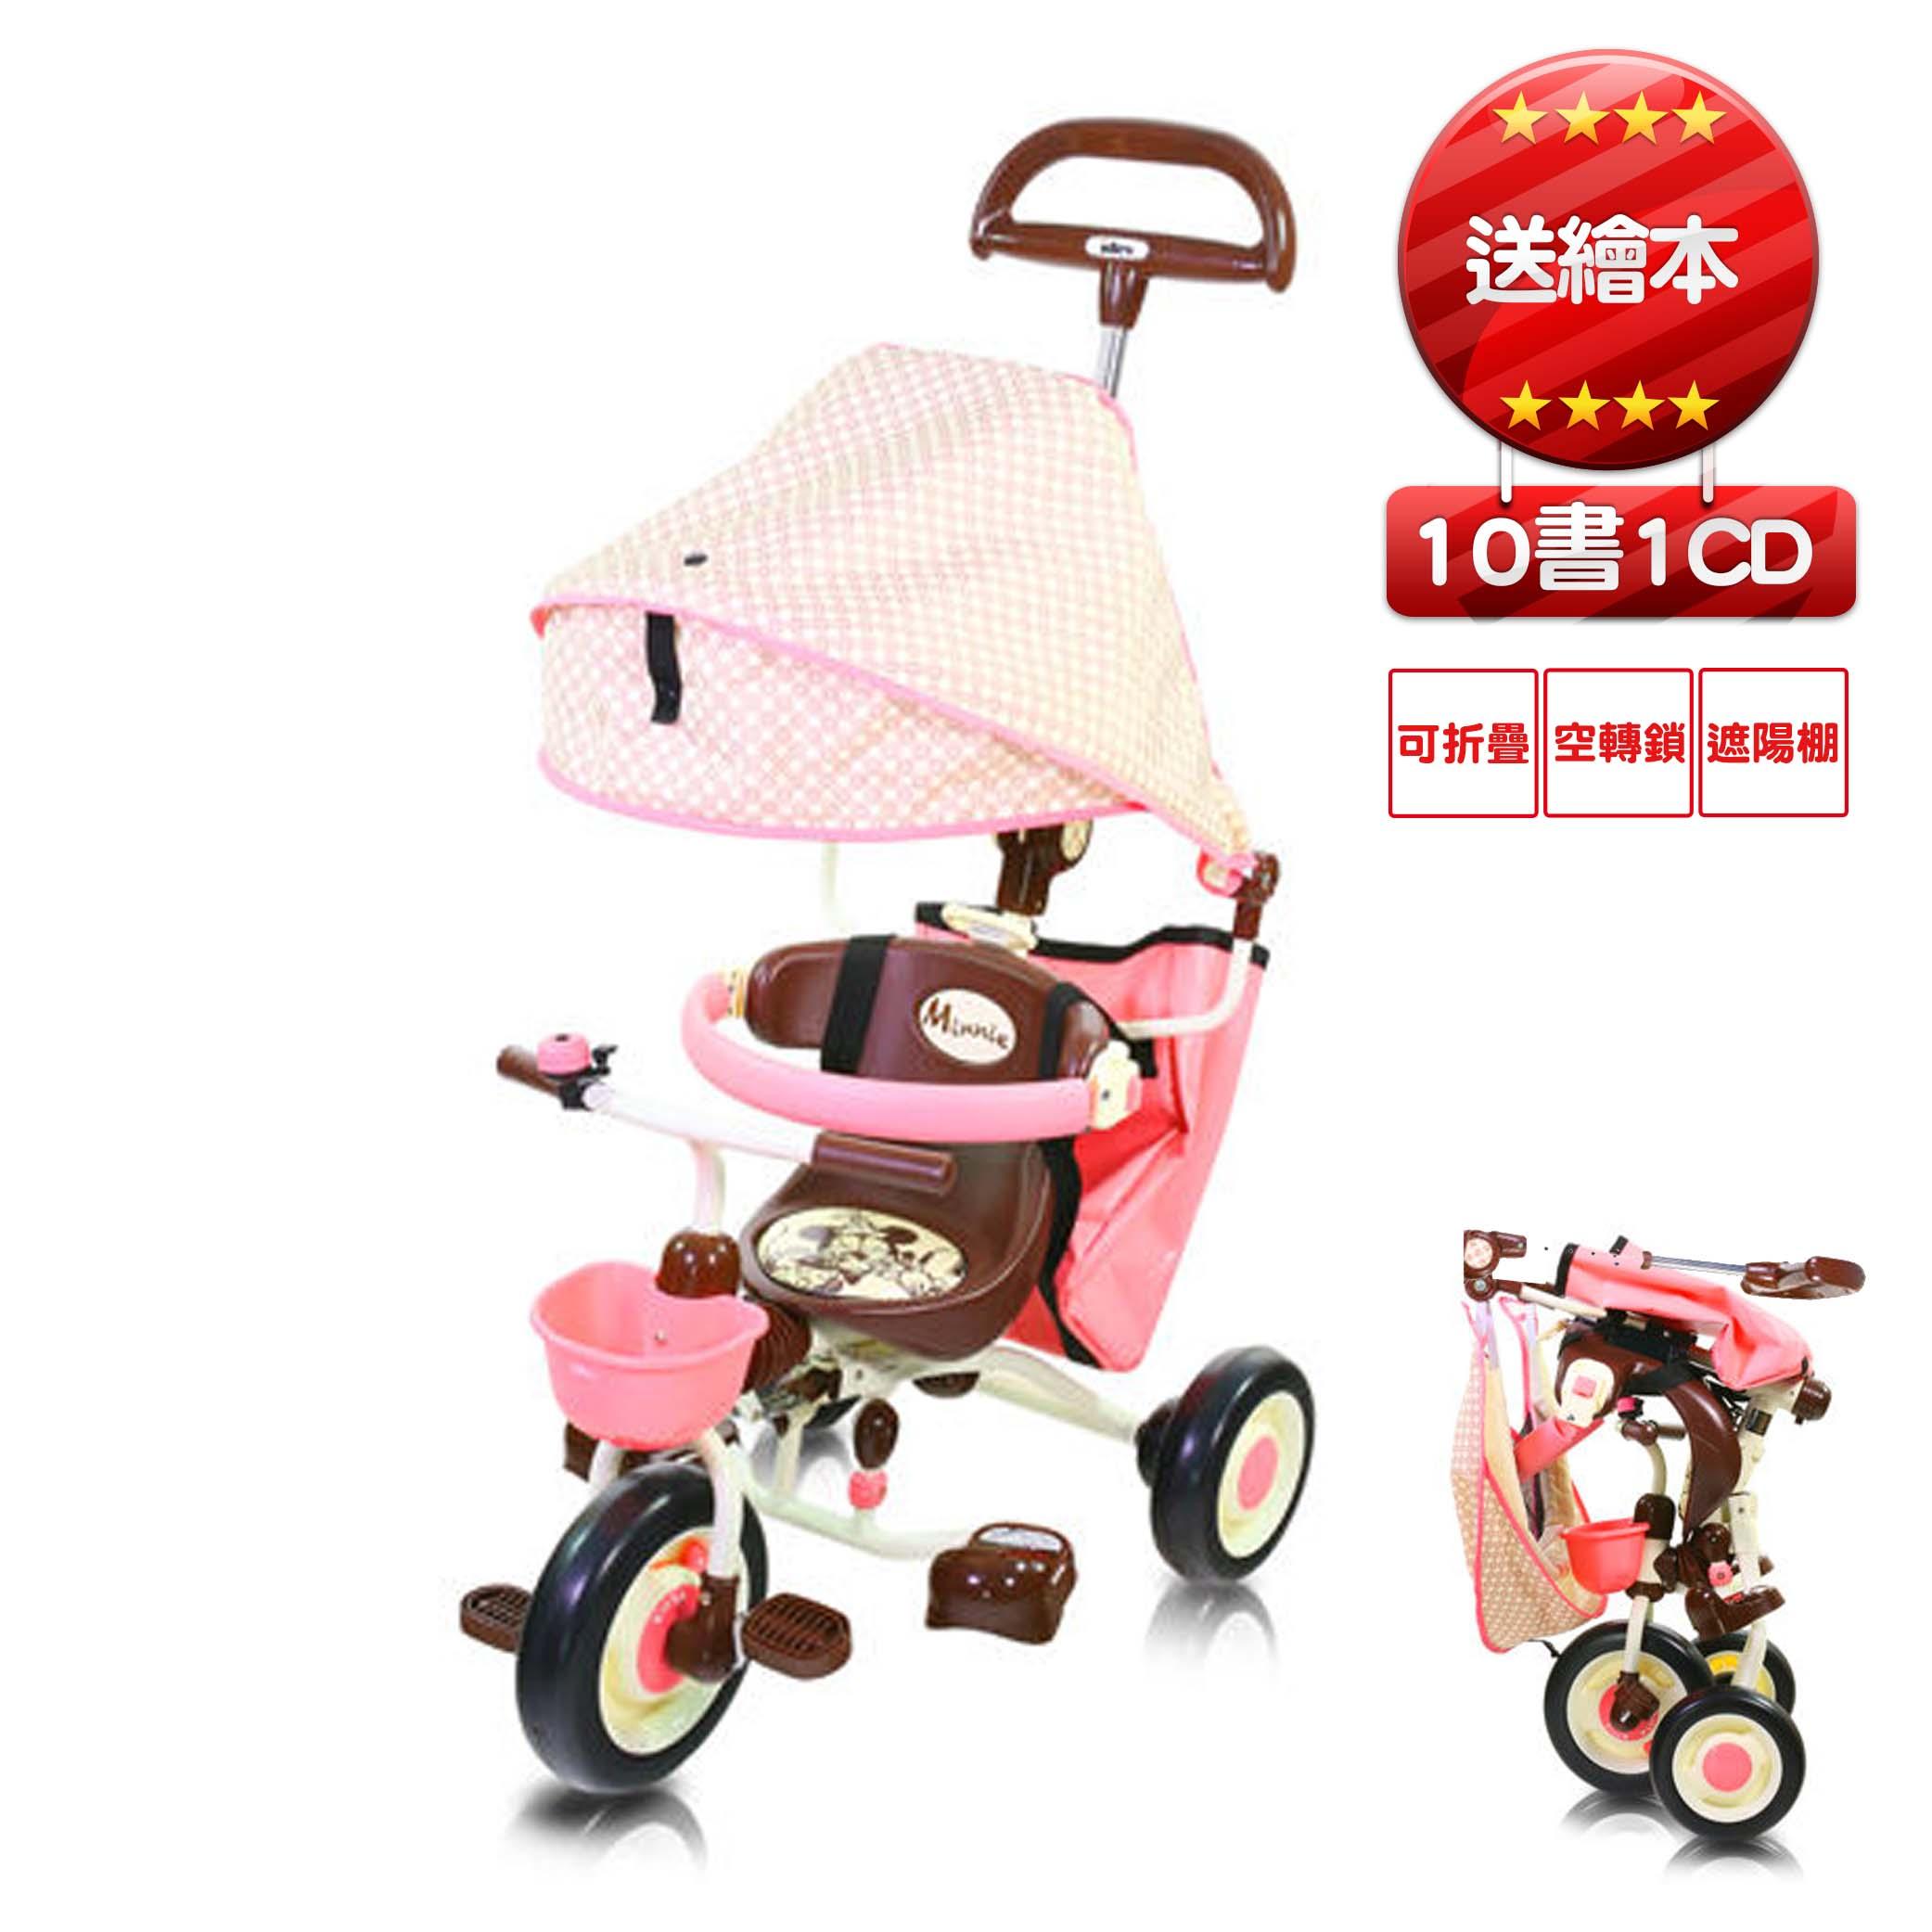 【日本知名IDES品牌】米妮/米奇敞篷可折疊收納腳踏車(粉/藍兩色)-->FB 姚小鳳